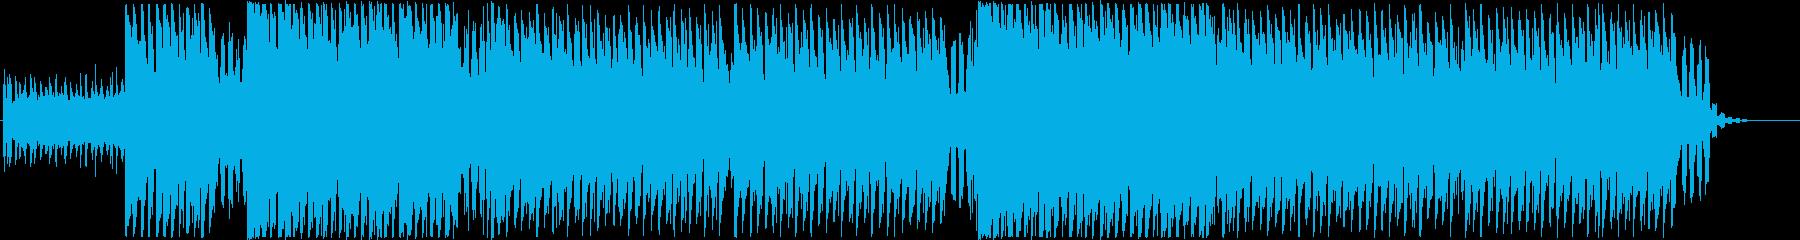 Tropical House 1の再生済みの波形